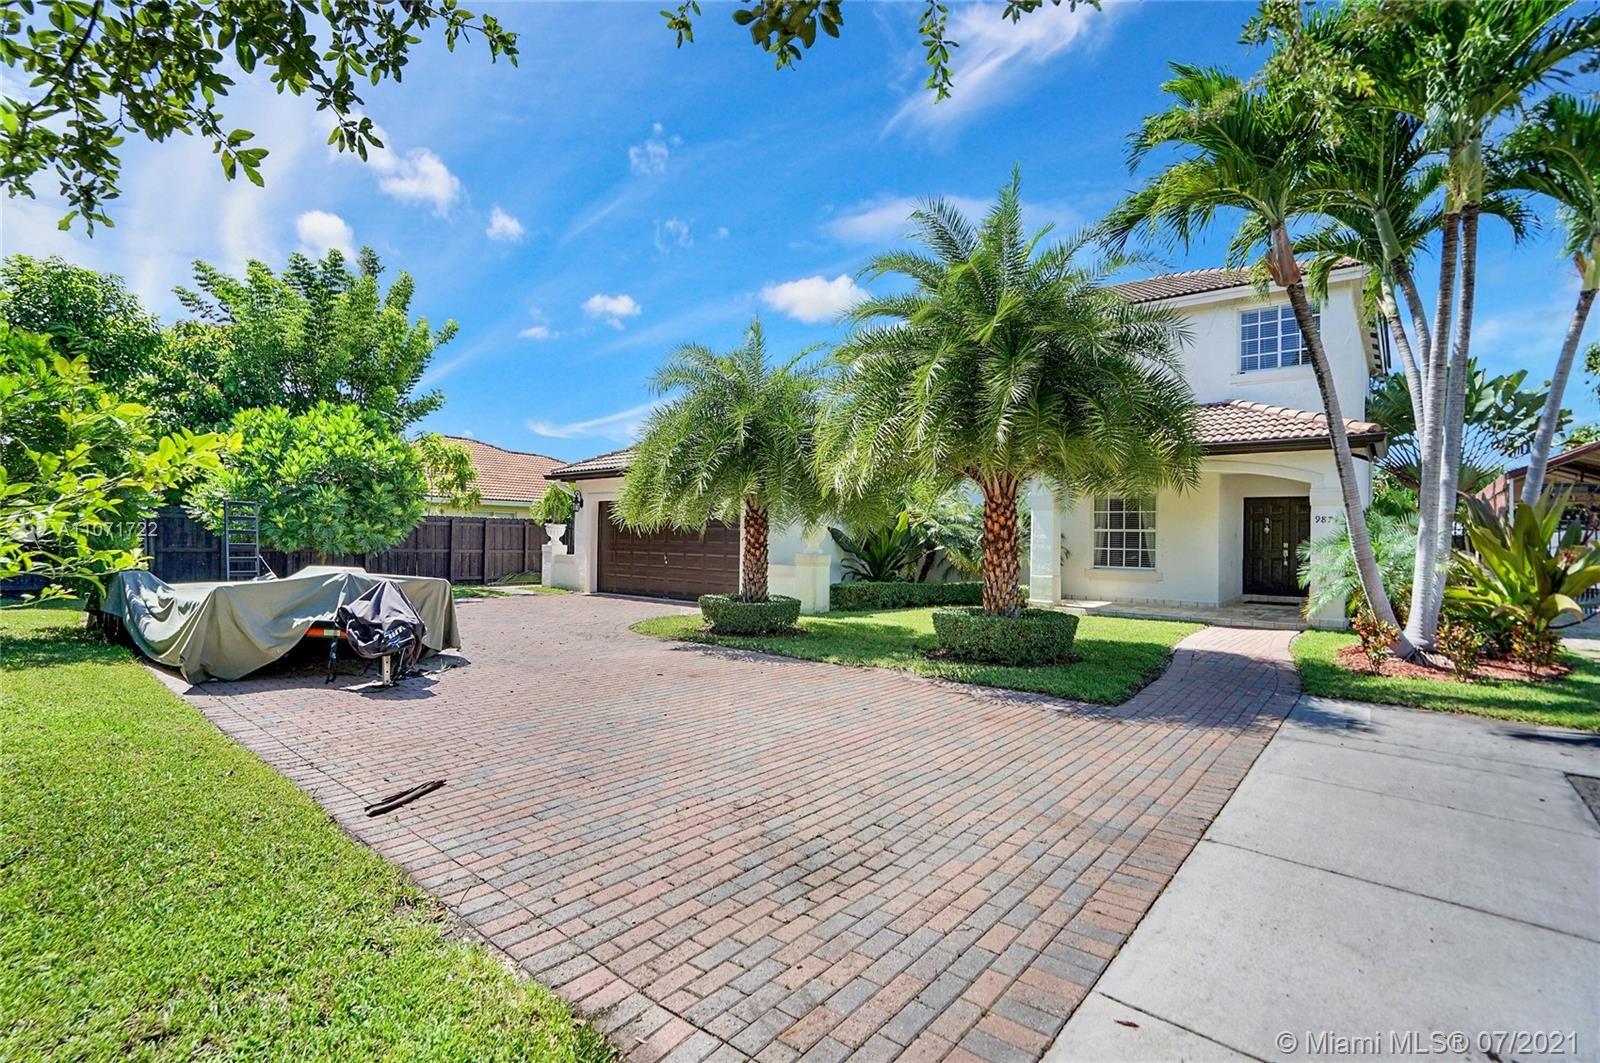 9874 SW 159th Pl, Miami, FL 33196 - #: A11071722